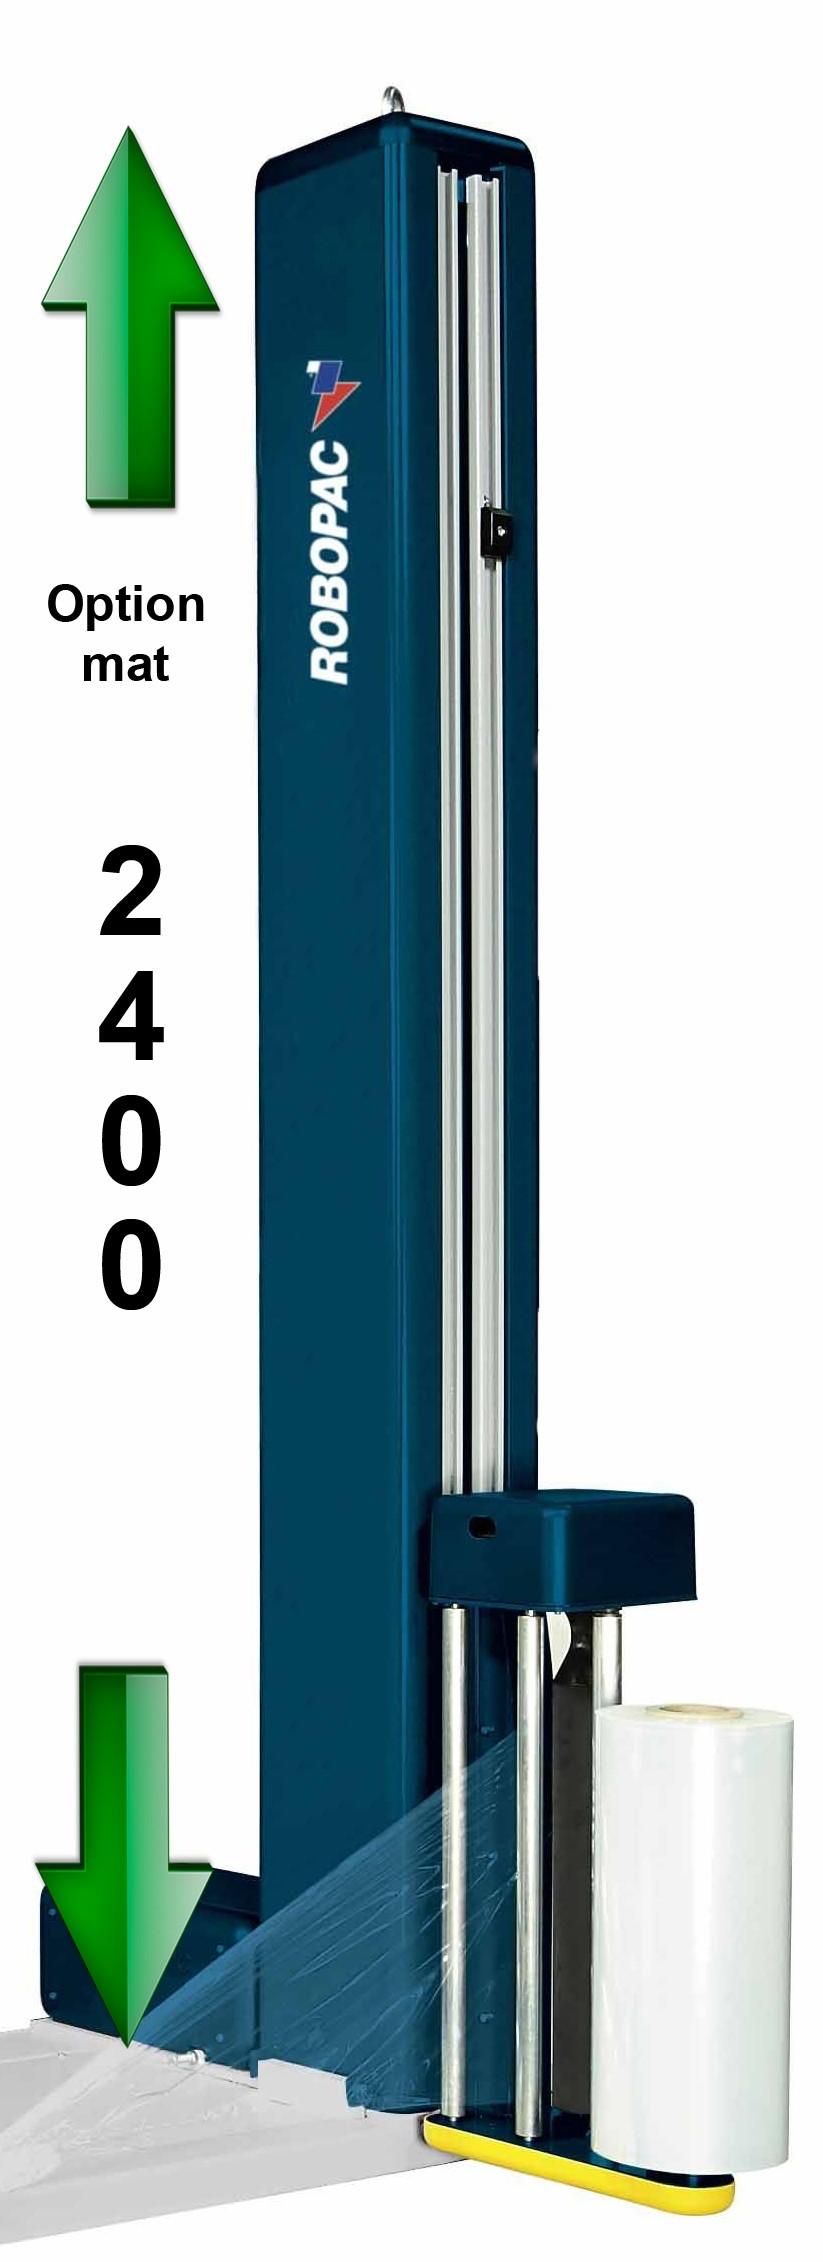 BANDEROLEUSE-PAS-CHER-ROBOPAC-FRD option mât 2400 mm